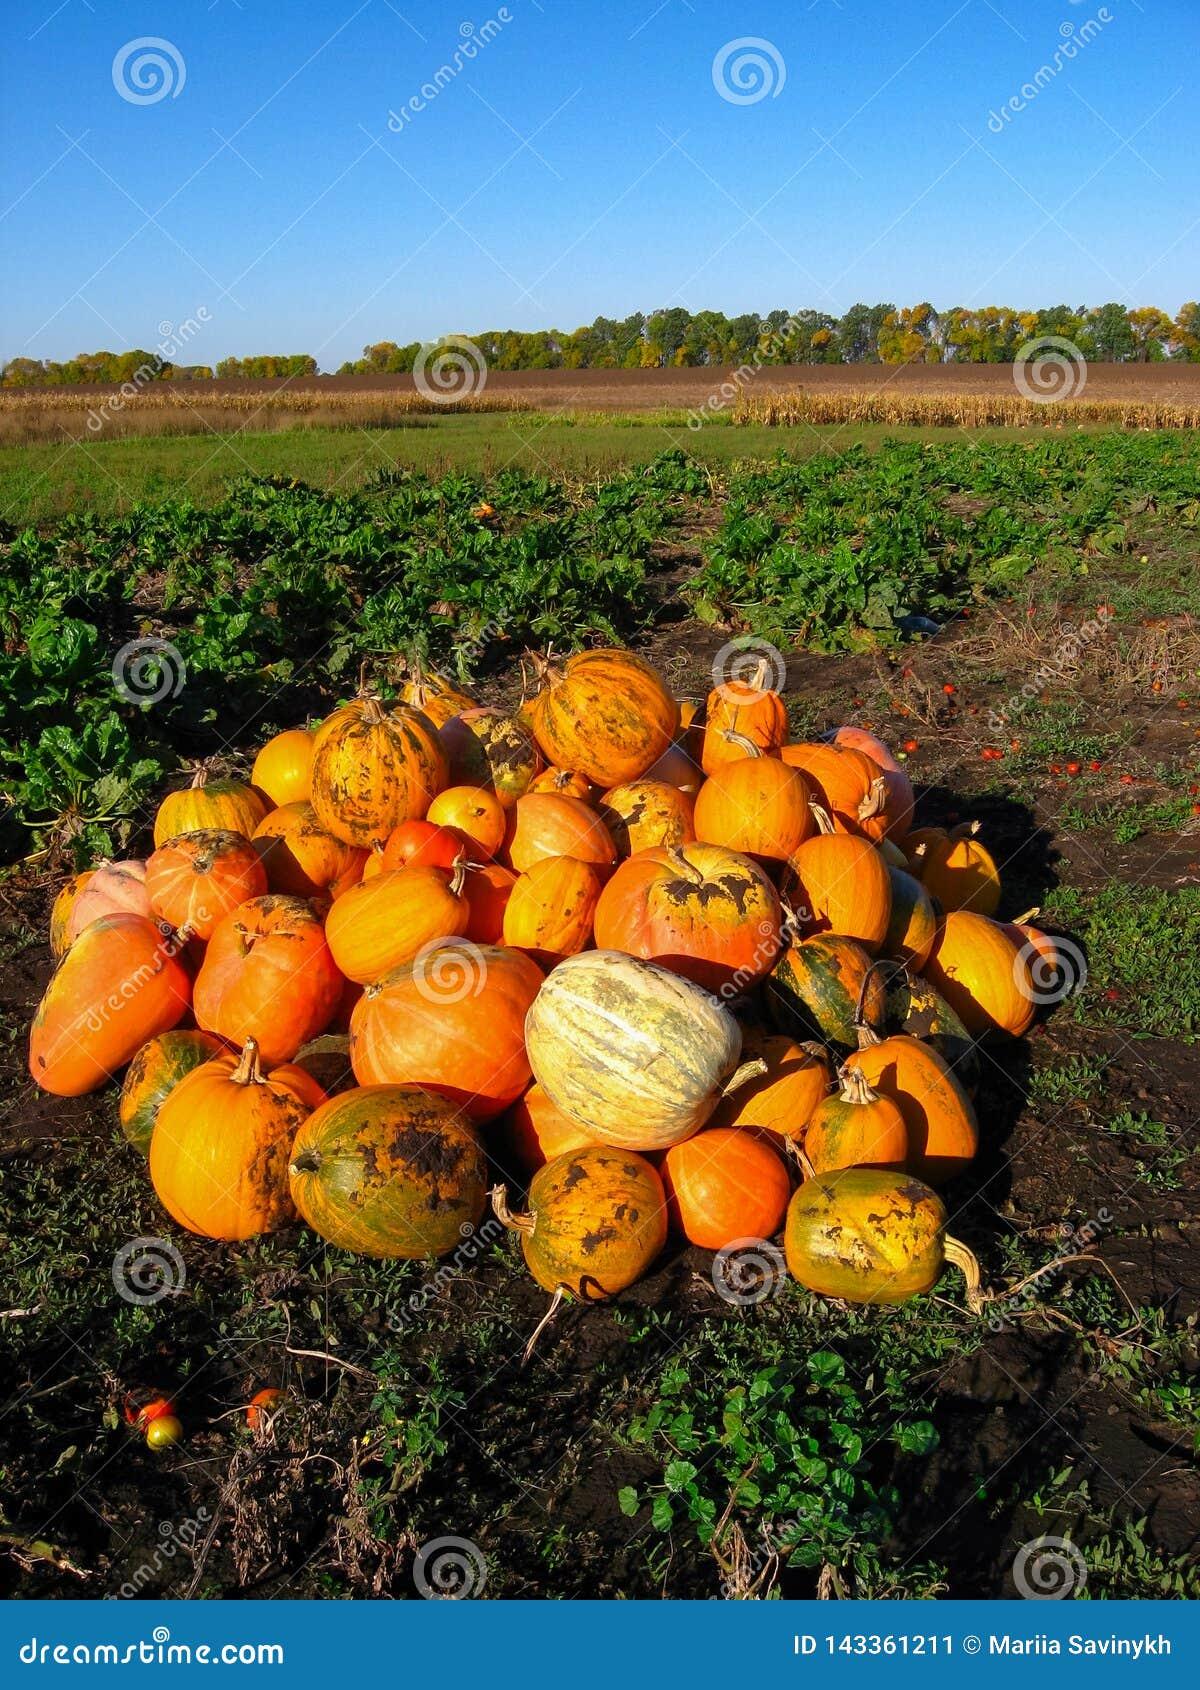 束在一个绿草领域的橙黄色南瓜 秋天收获在热的好日子 万圣夜贺卡